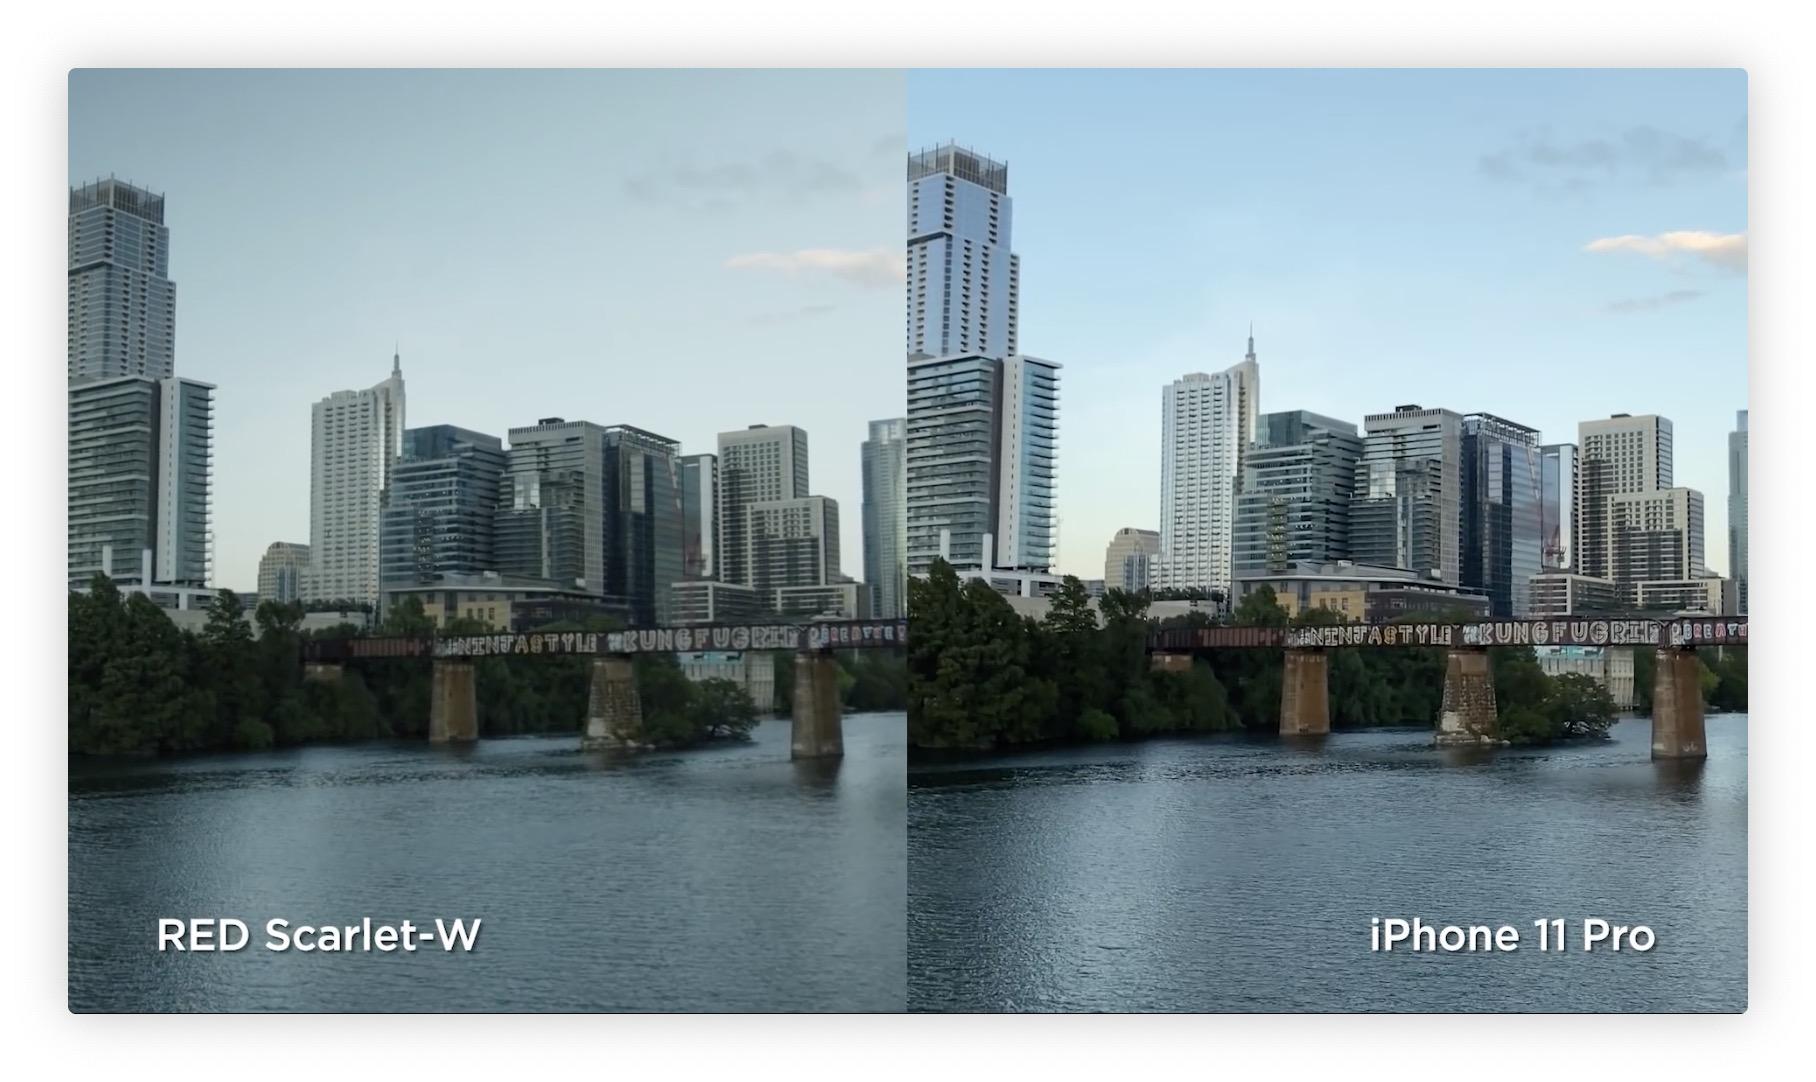 Vidéo: l'iPhone 11 Pro comparé à une caméra RED à 10k dollars 4